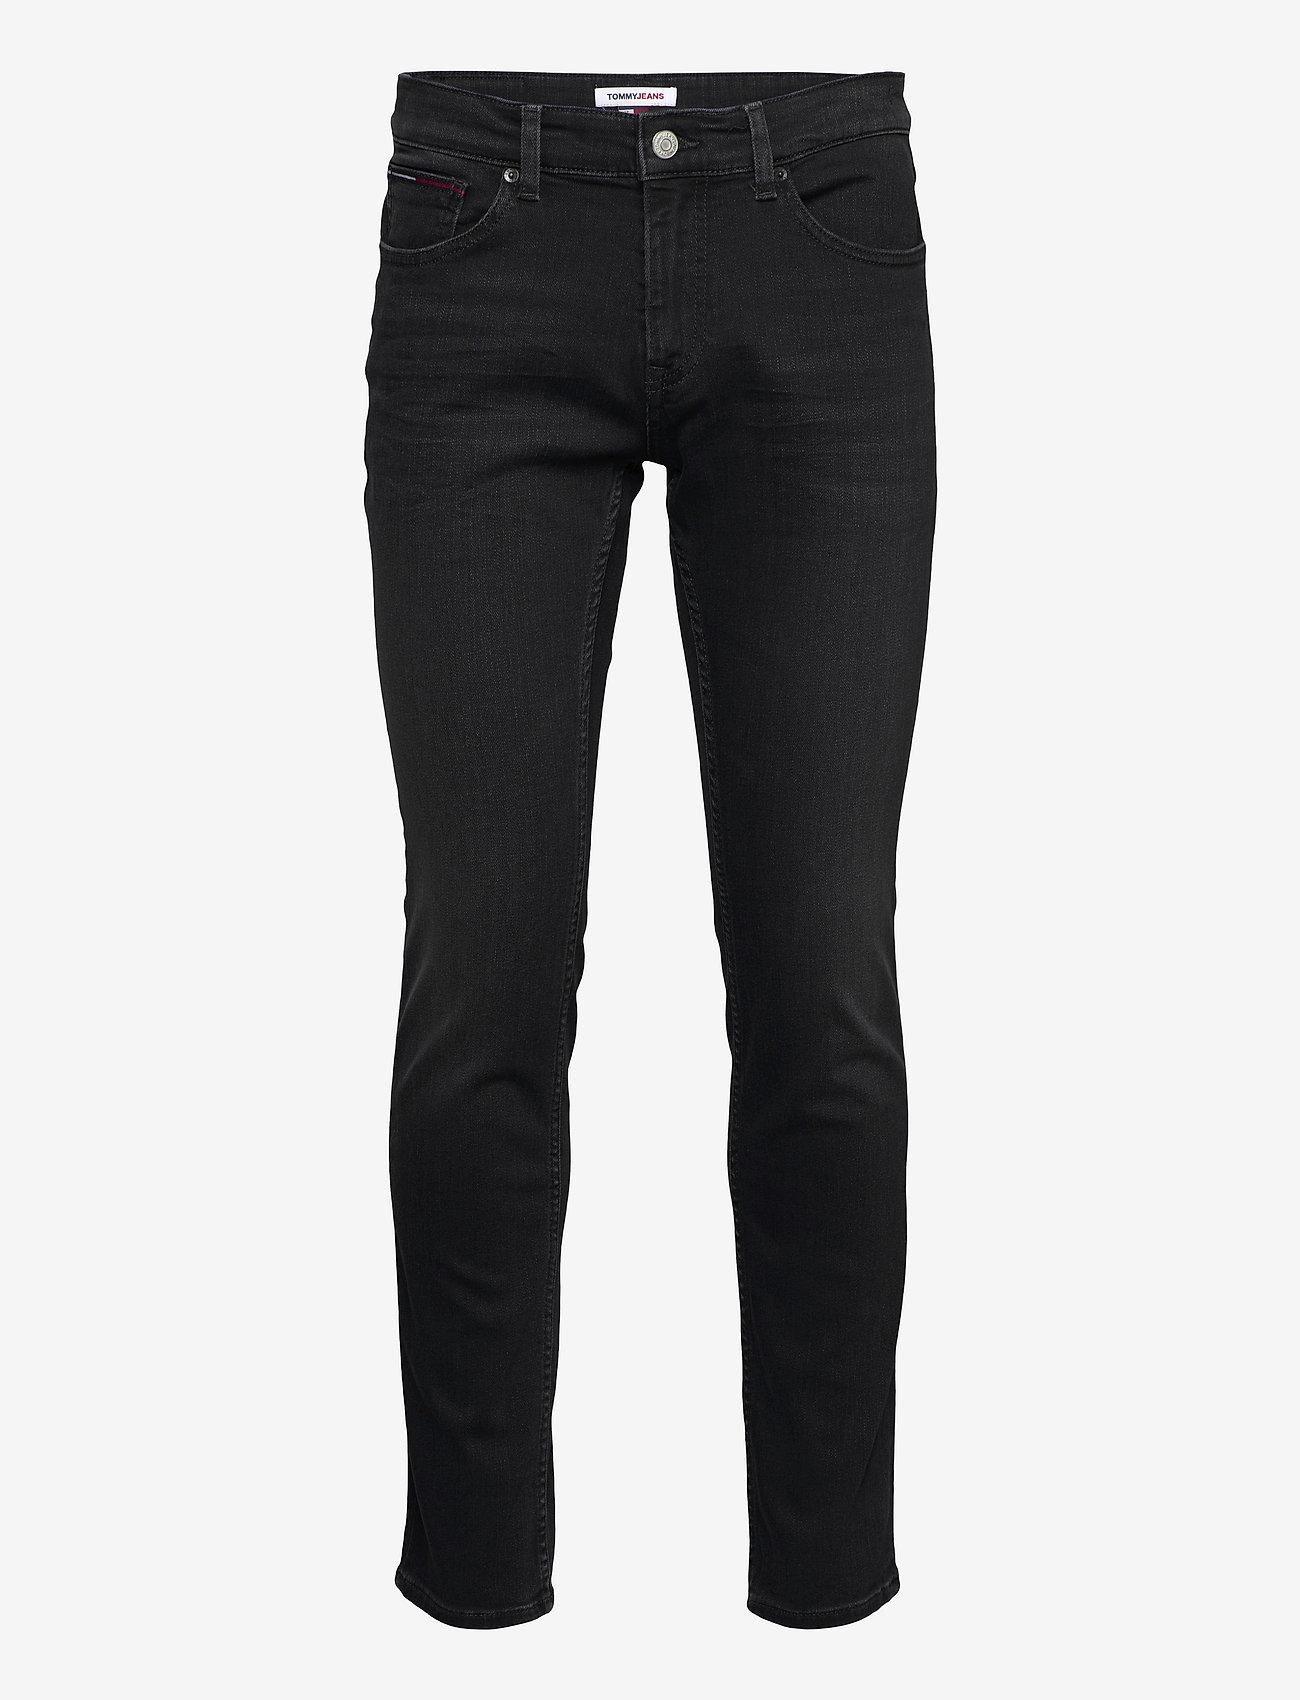 Tommy Jeans - SCANTON SLIM CSBBS - slim jeans - ceasar bk bk str - 0